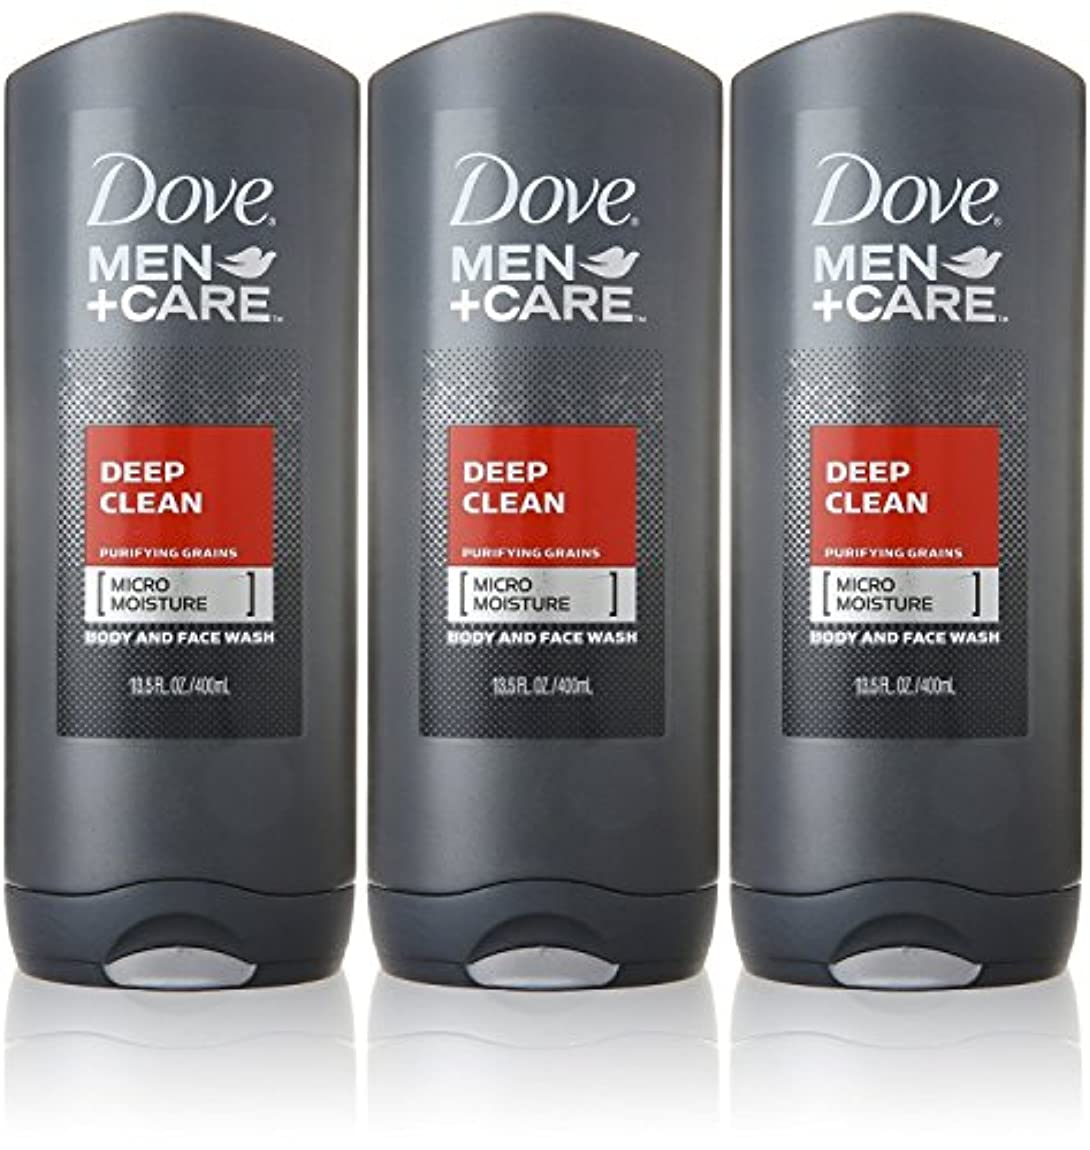 告白する関連する励起Dove Deep Clean Mens Body Wash, 13.5 Ounce -- 3 per case. by Dove